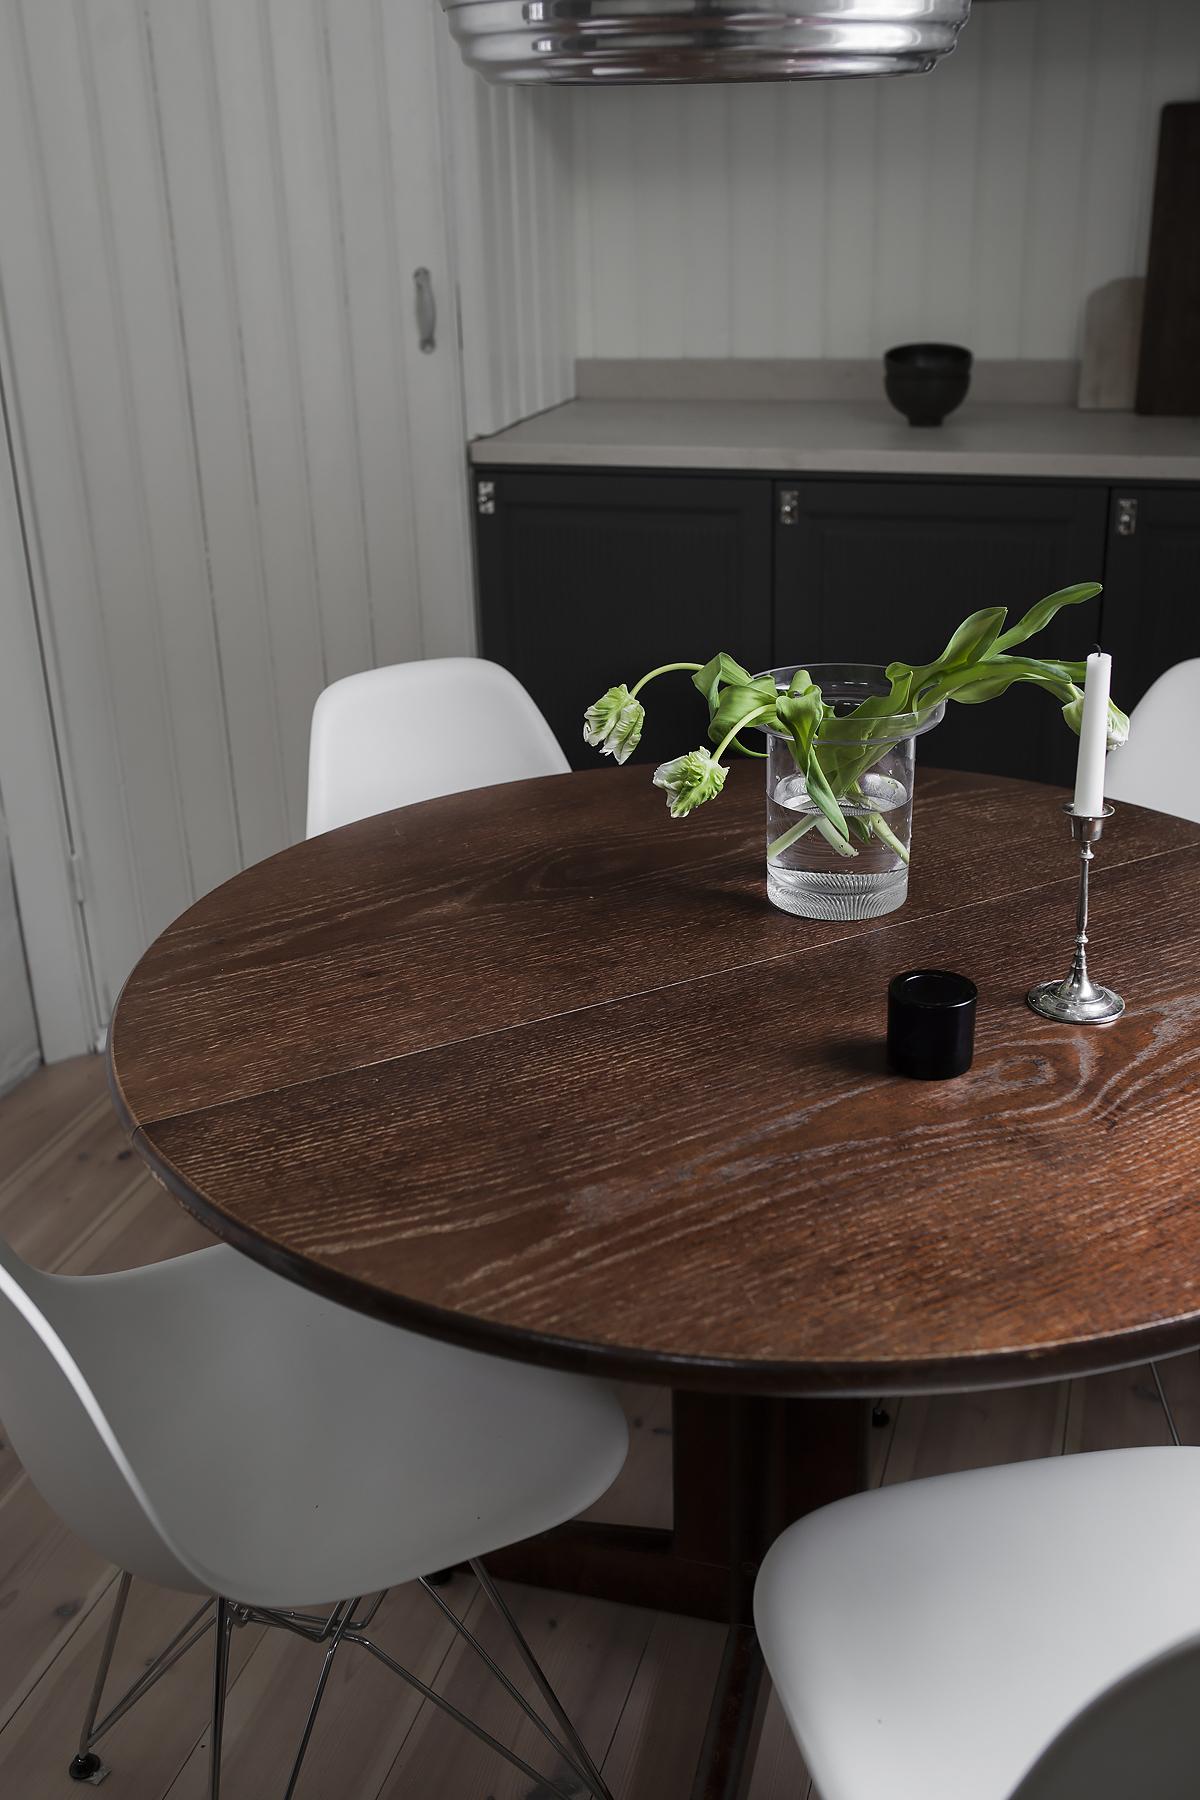 vanha pyöreä ruokapöytä